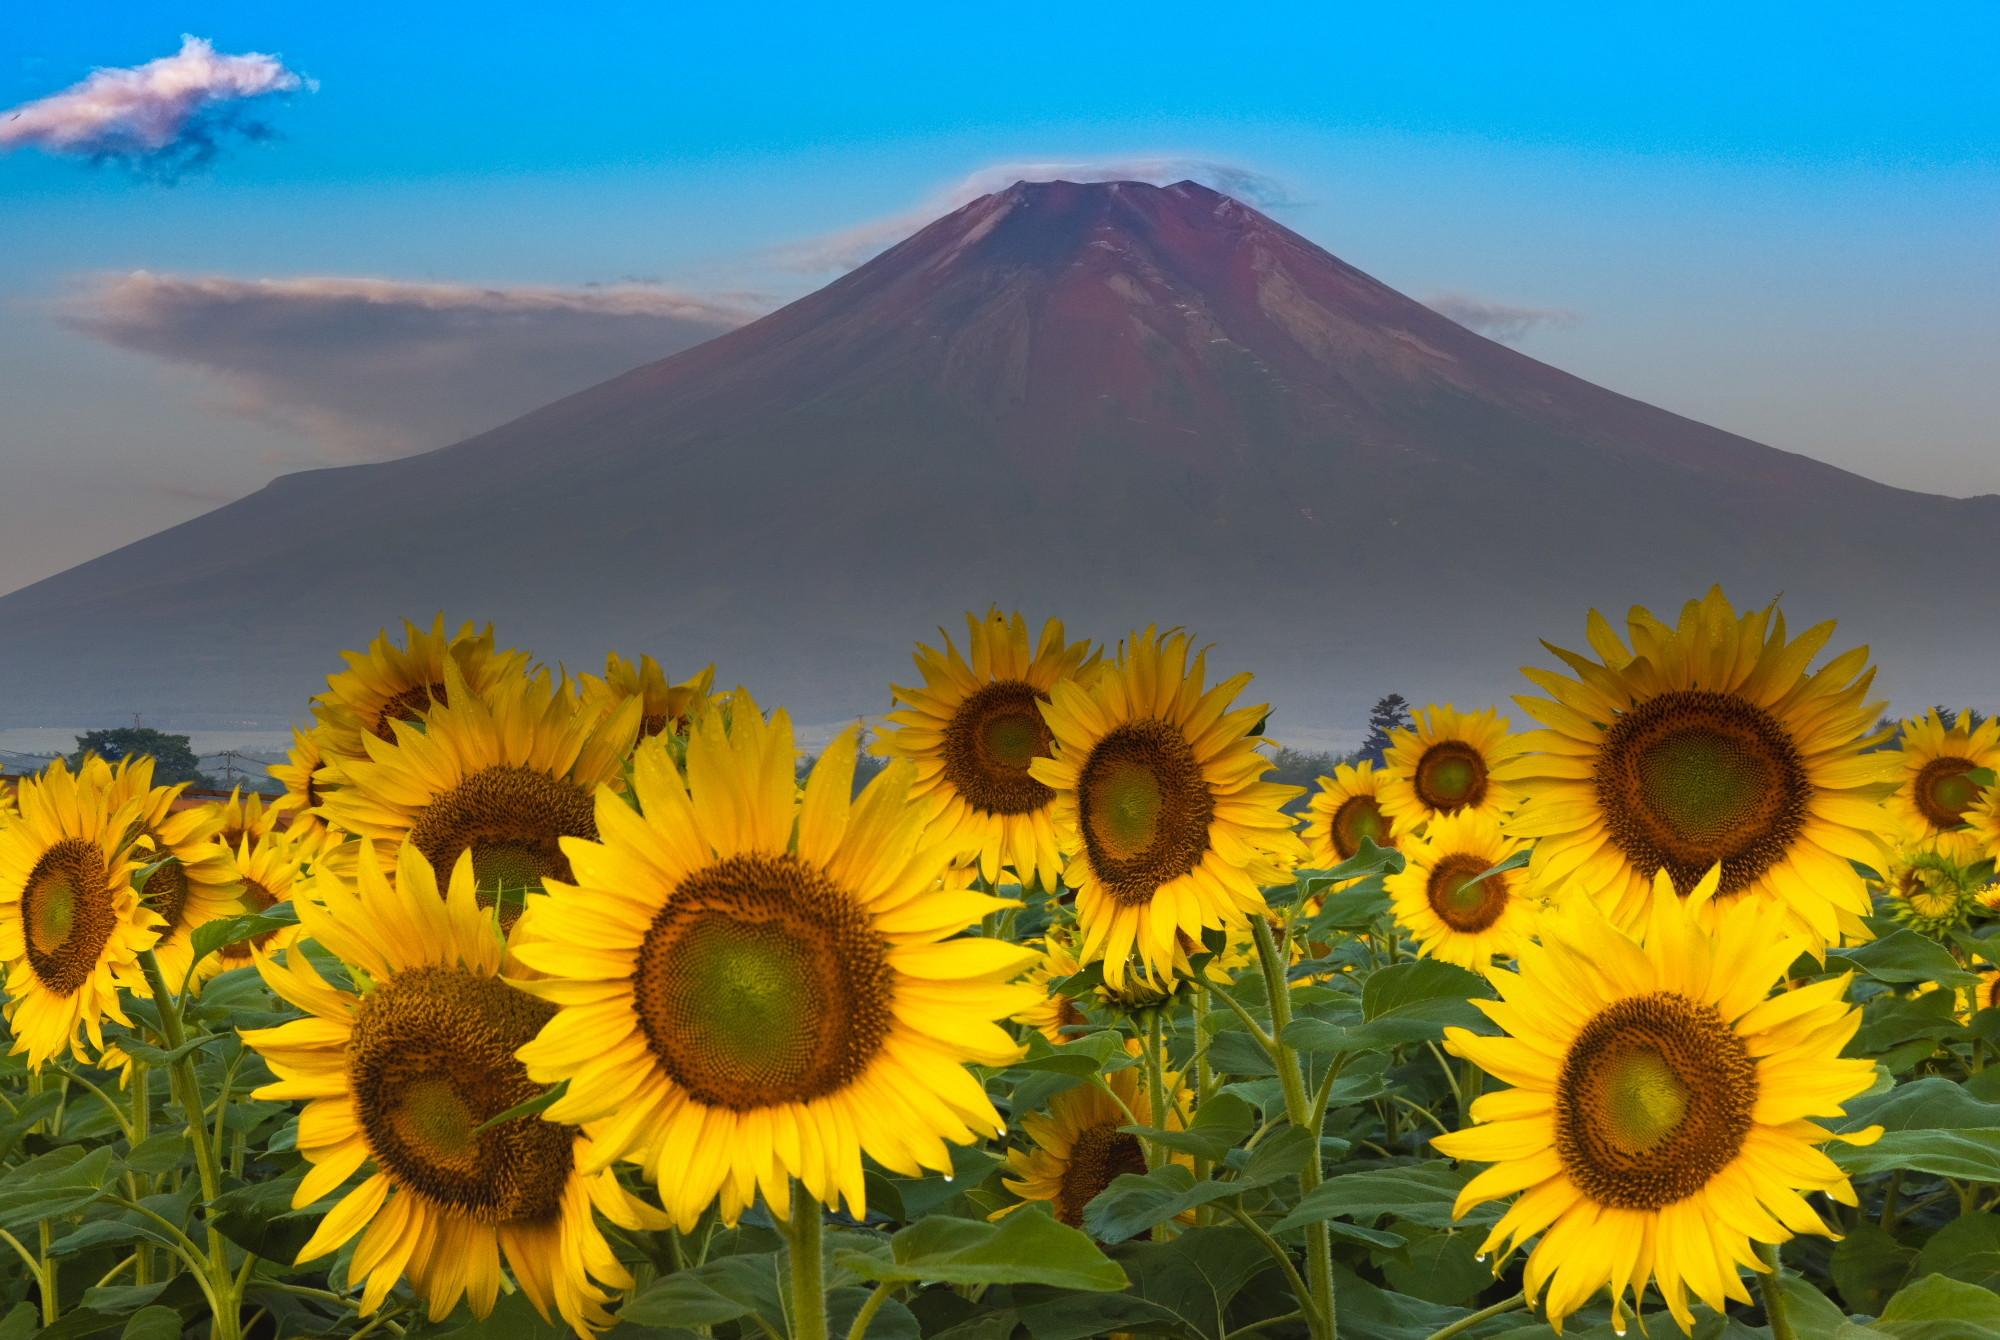 赤富士ヒマワリ15814160400180802054907